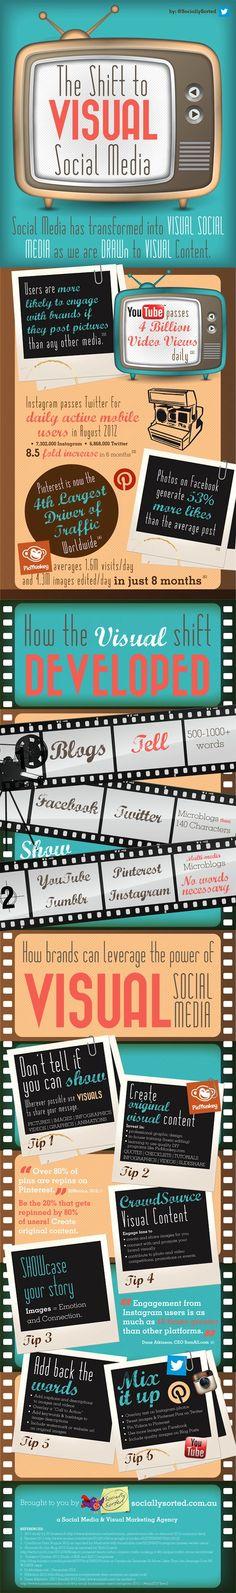 Importance des médias sociaux visuels